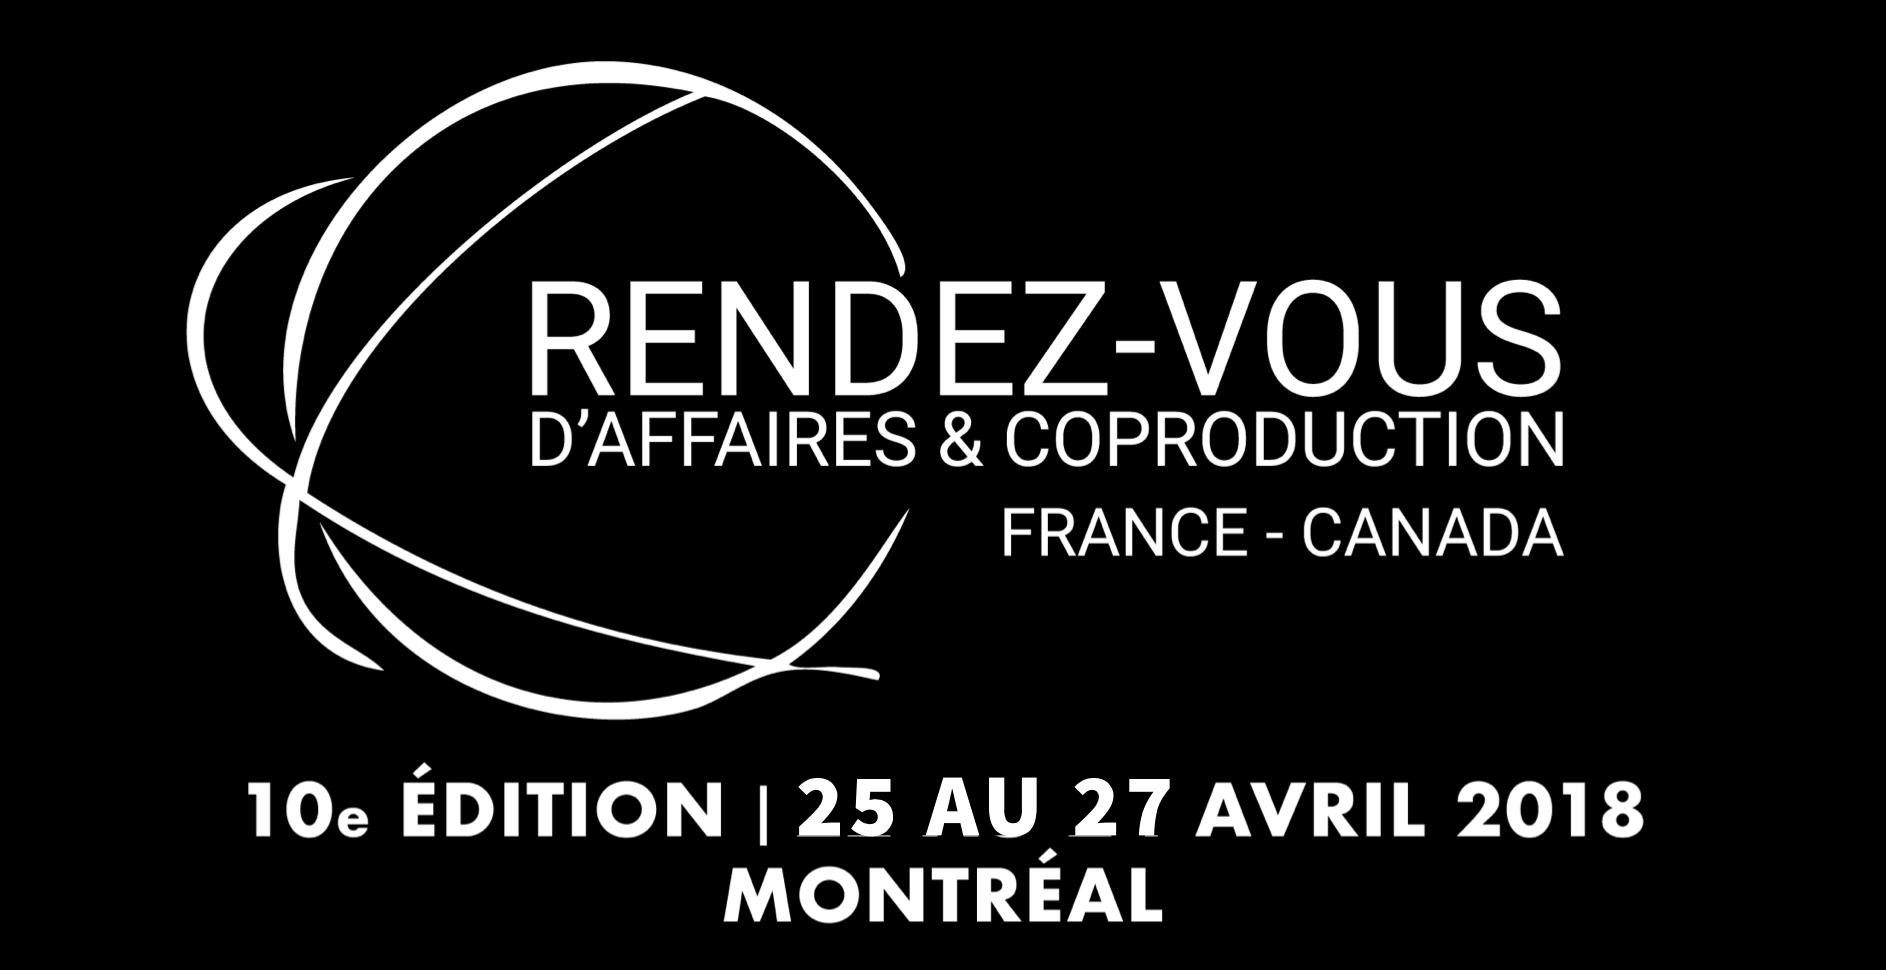 LANCEMENT - 10e édition des Rendez-vous d'affaires et de coproduction France-Canada